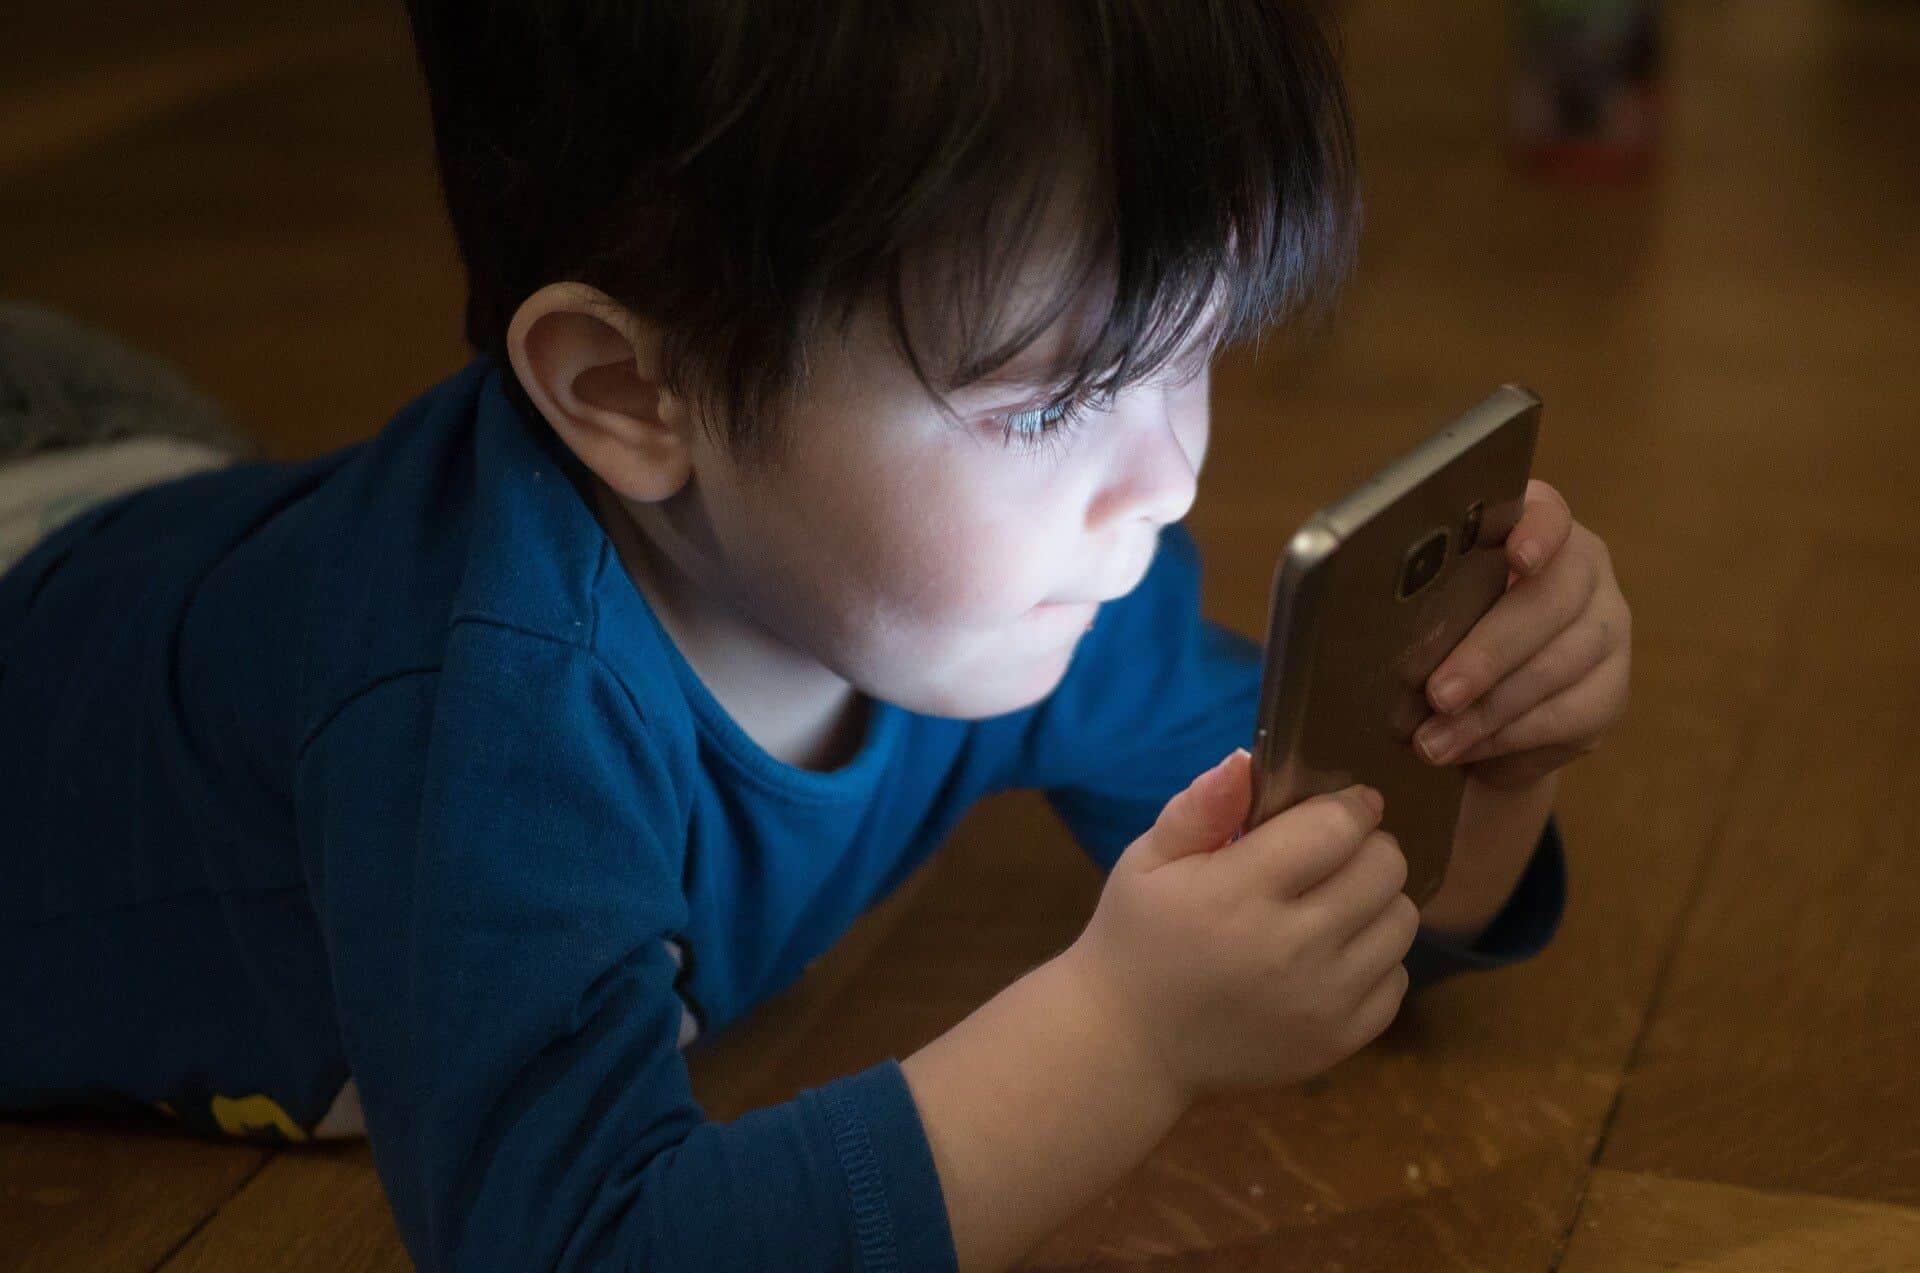 cómo proteger las fotos de tu bebé en línea